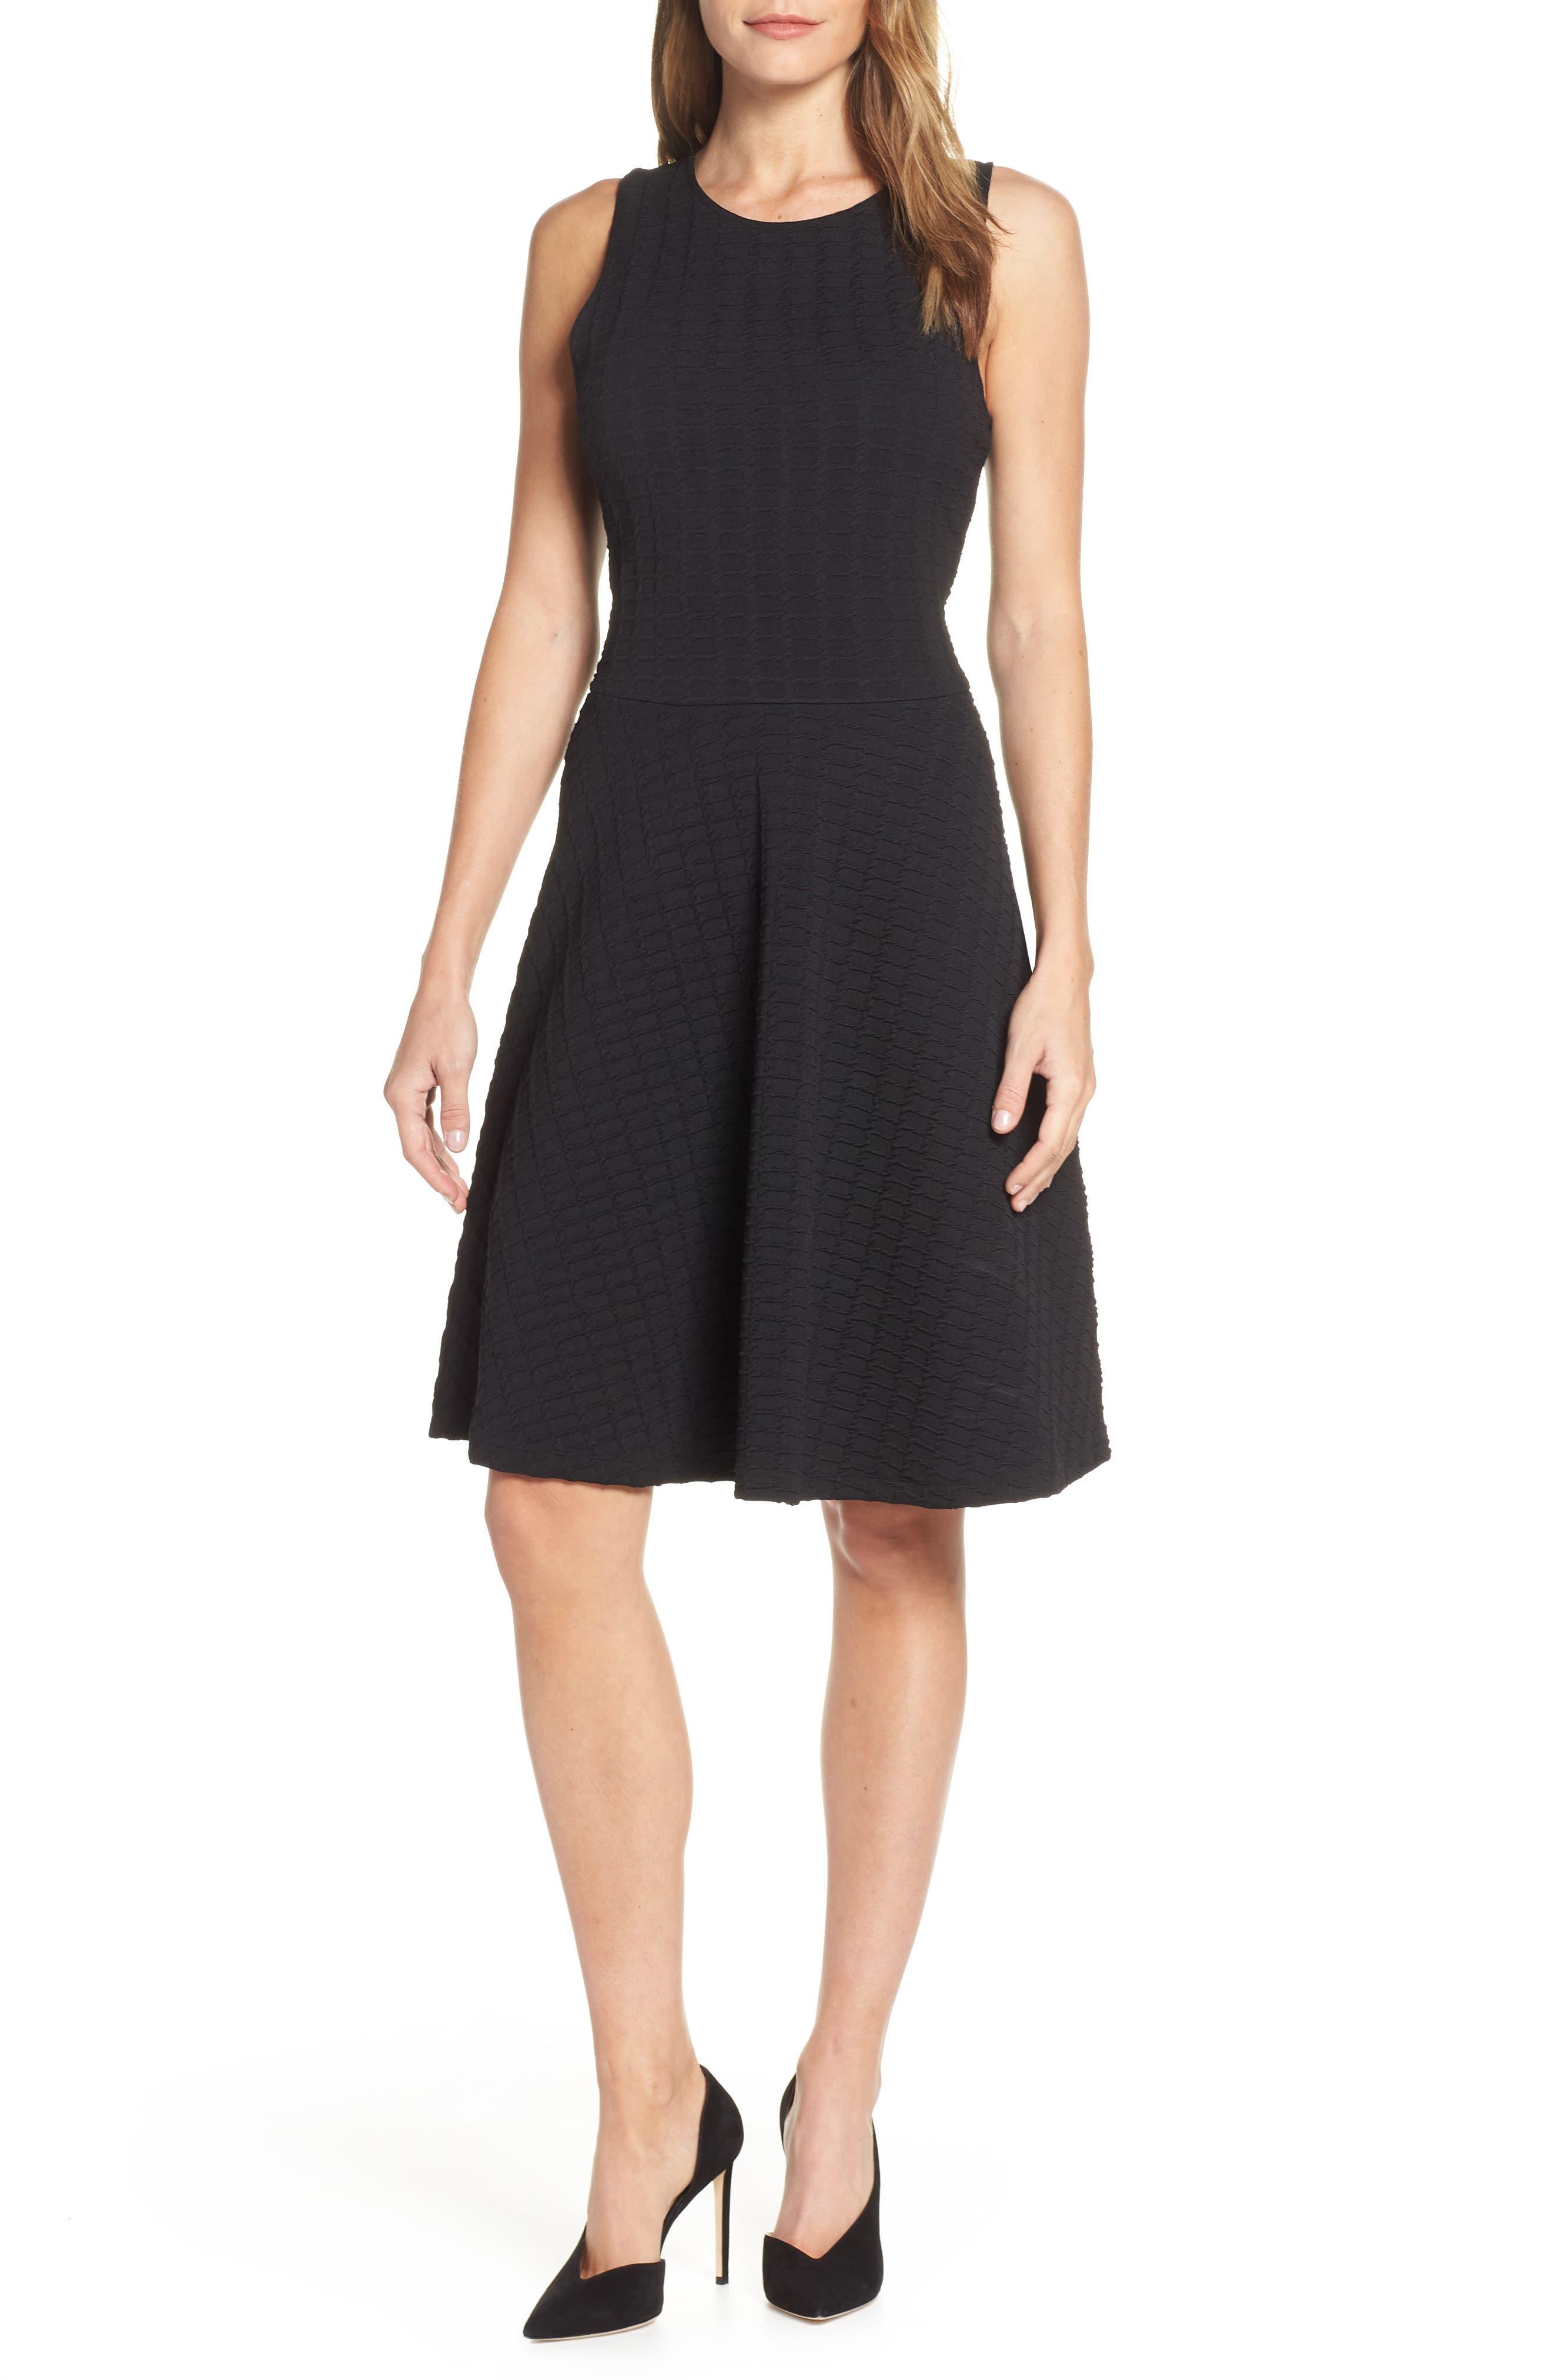 Leota Ava Textured Knit Fit & Flare Dress, Black